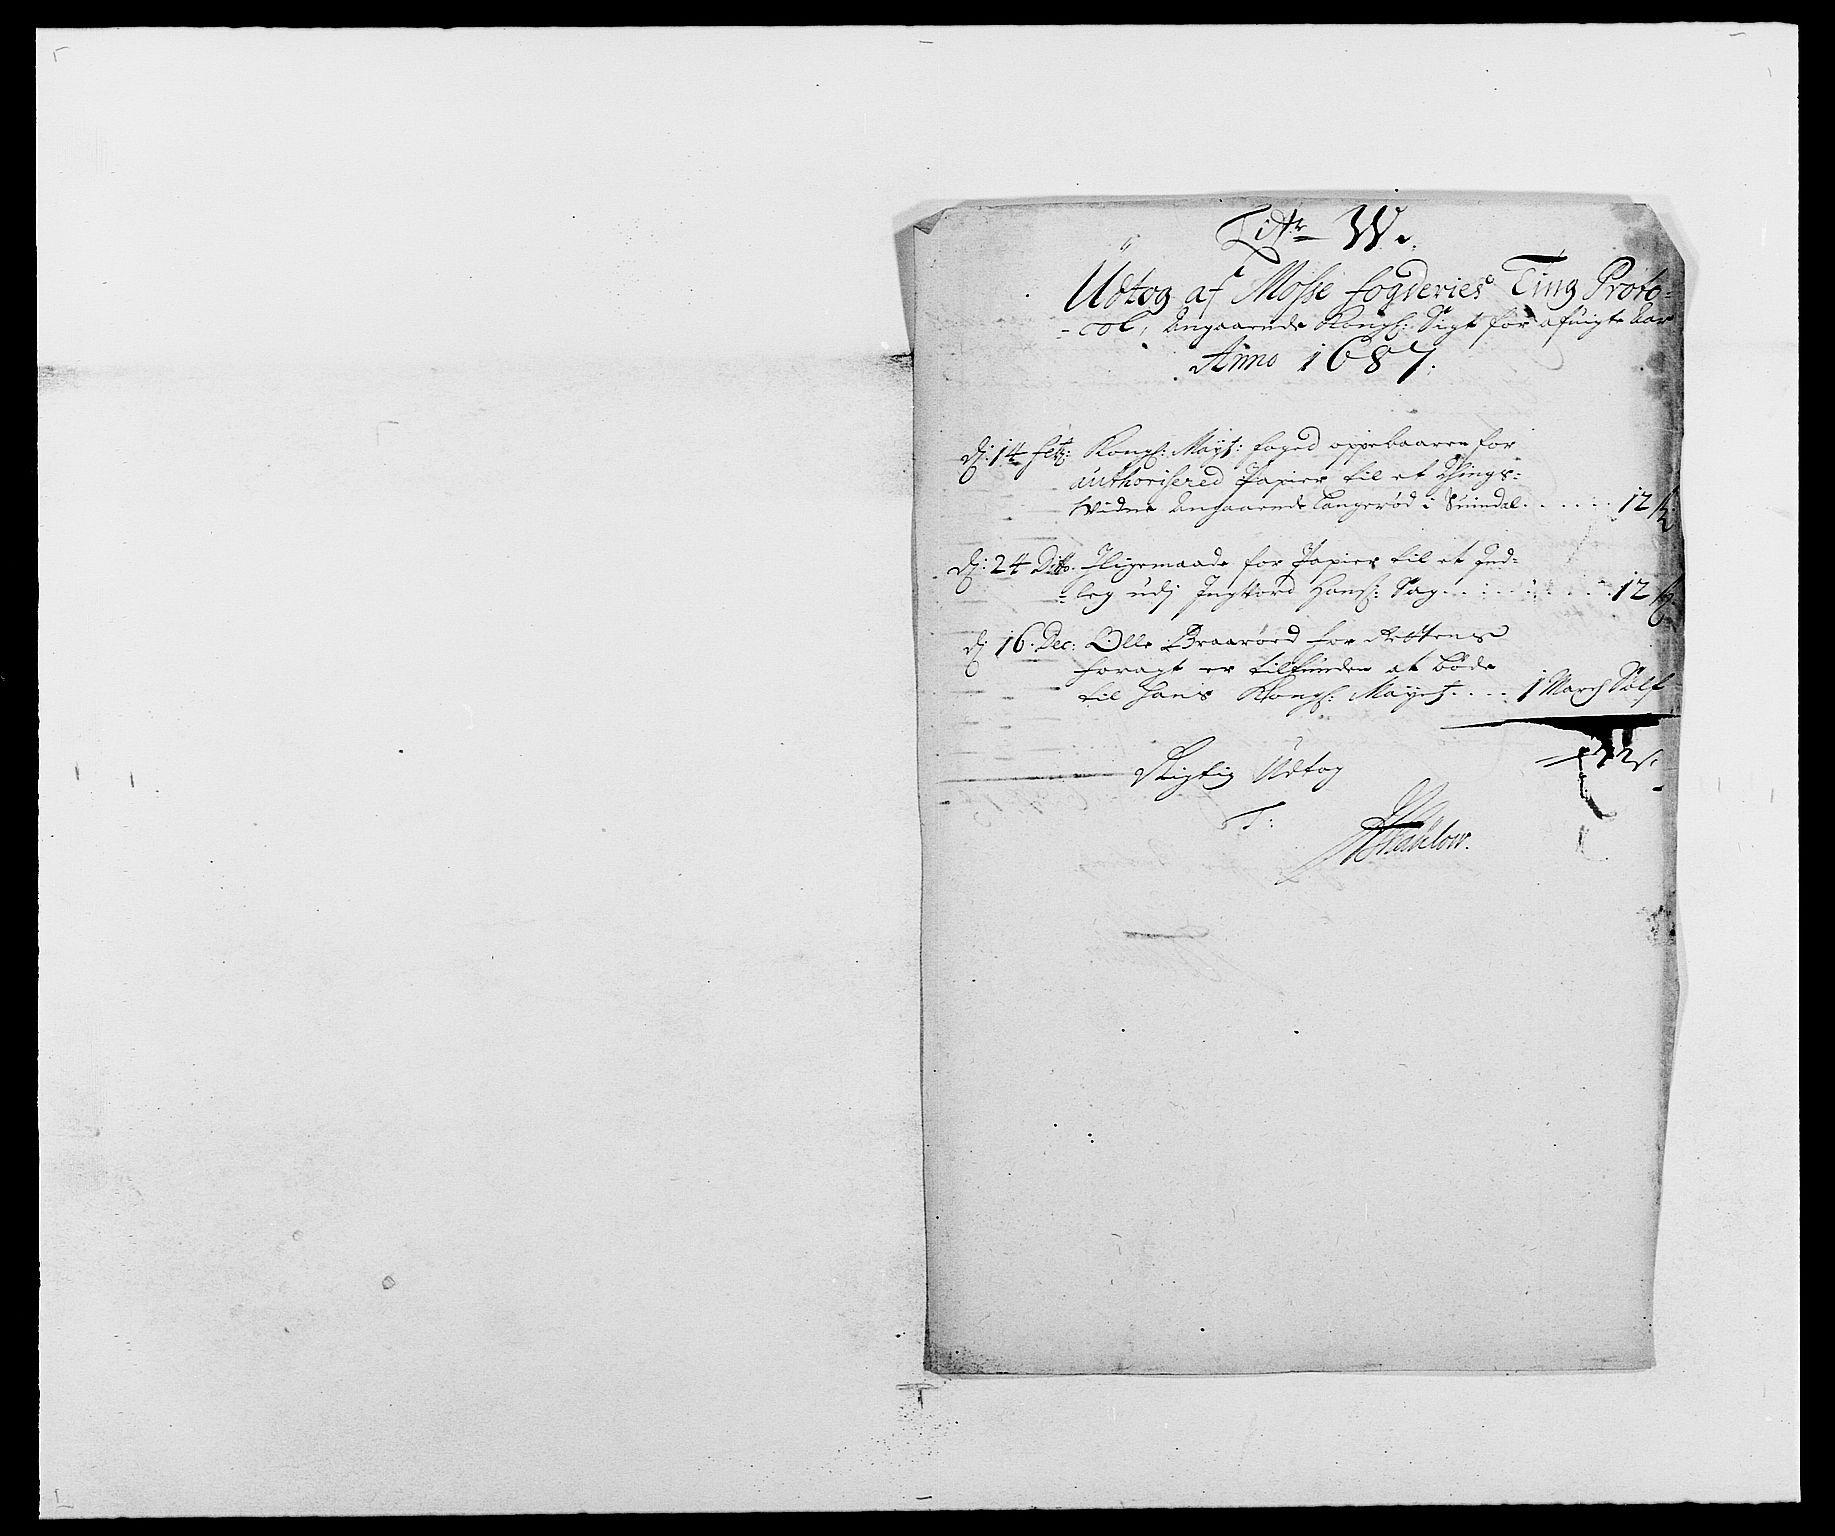 RA, Rentekammeret inntil 1814, Reviderte regnskaper, Fogderegnskap, R02/L0105: Fogderegnskap Moss og Verne kloster, 1685-1687, s. 318